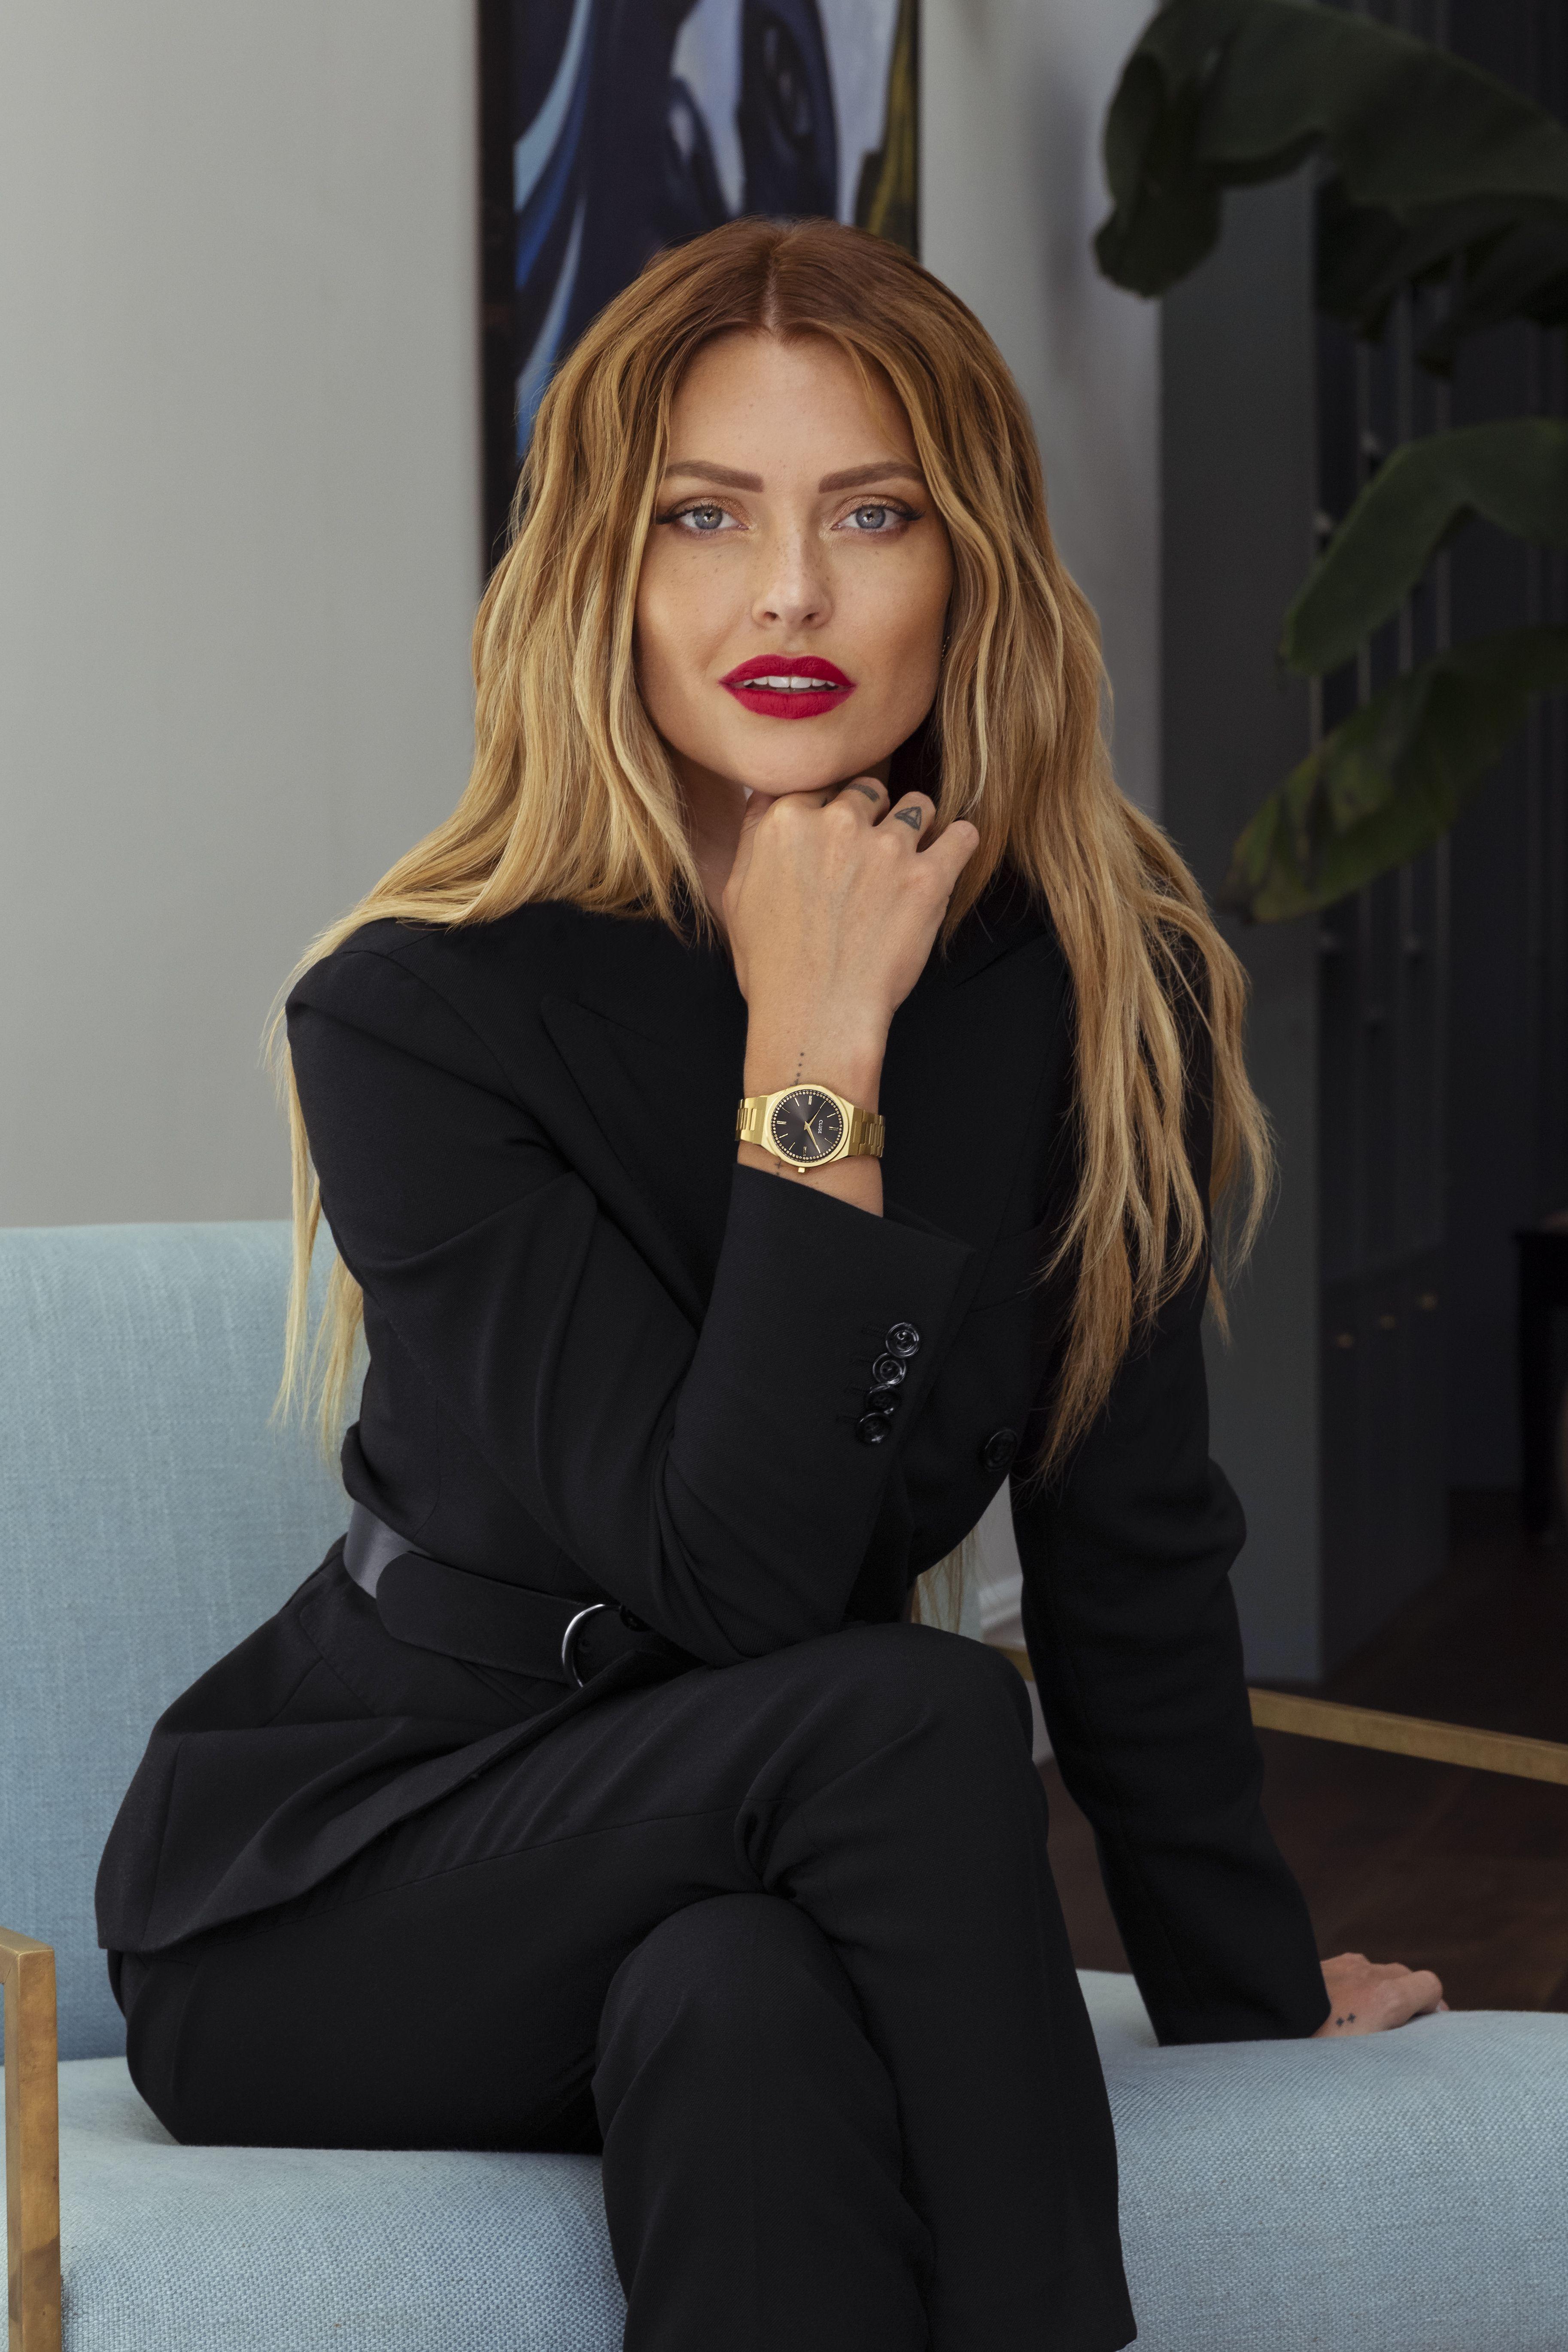 Montre Cluse Caroline Receveur : montre, cluse, caroline, receveur, Cluse, #womenswatches, #watch, #ootd, #watchesforwomen, #carolinereceveur, #style, #oufitsforwork, #outfitforoffice, #styl…, Parisienne, Style,, Fashion,, Caroline, Flack